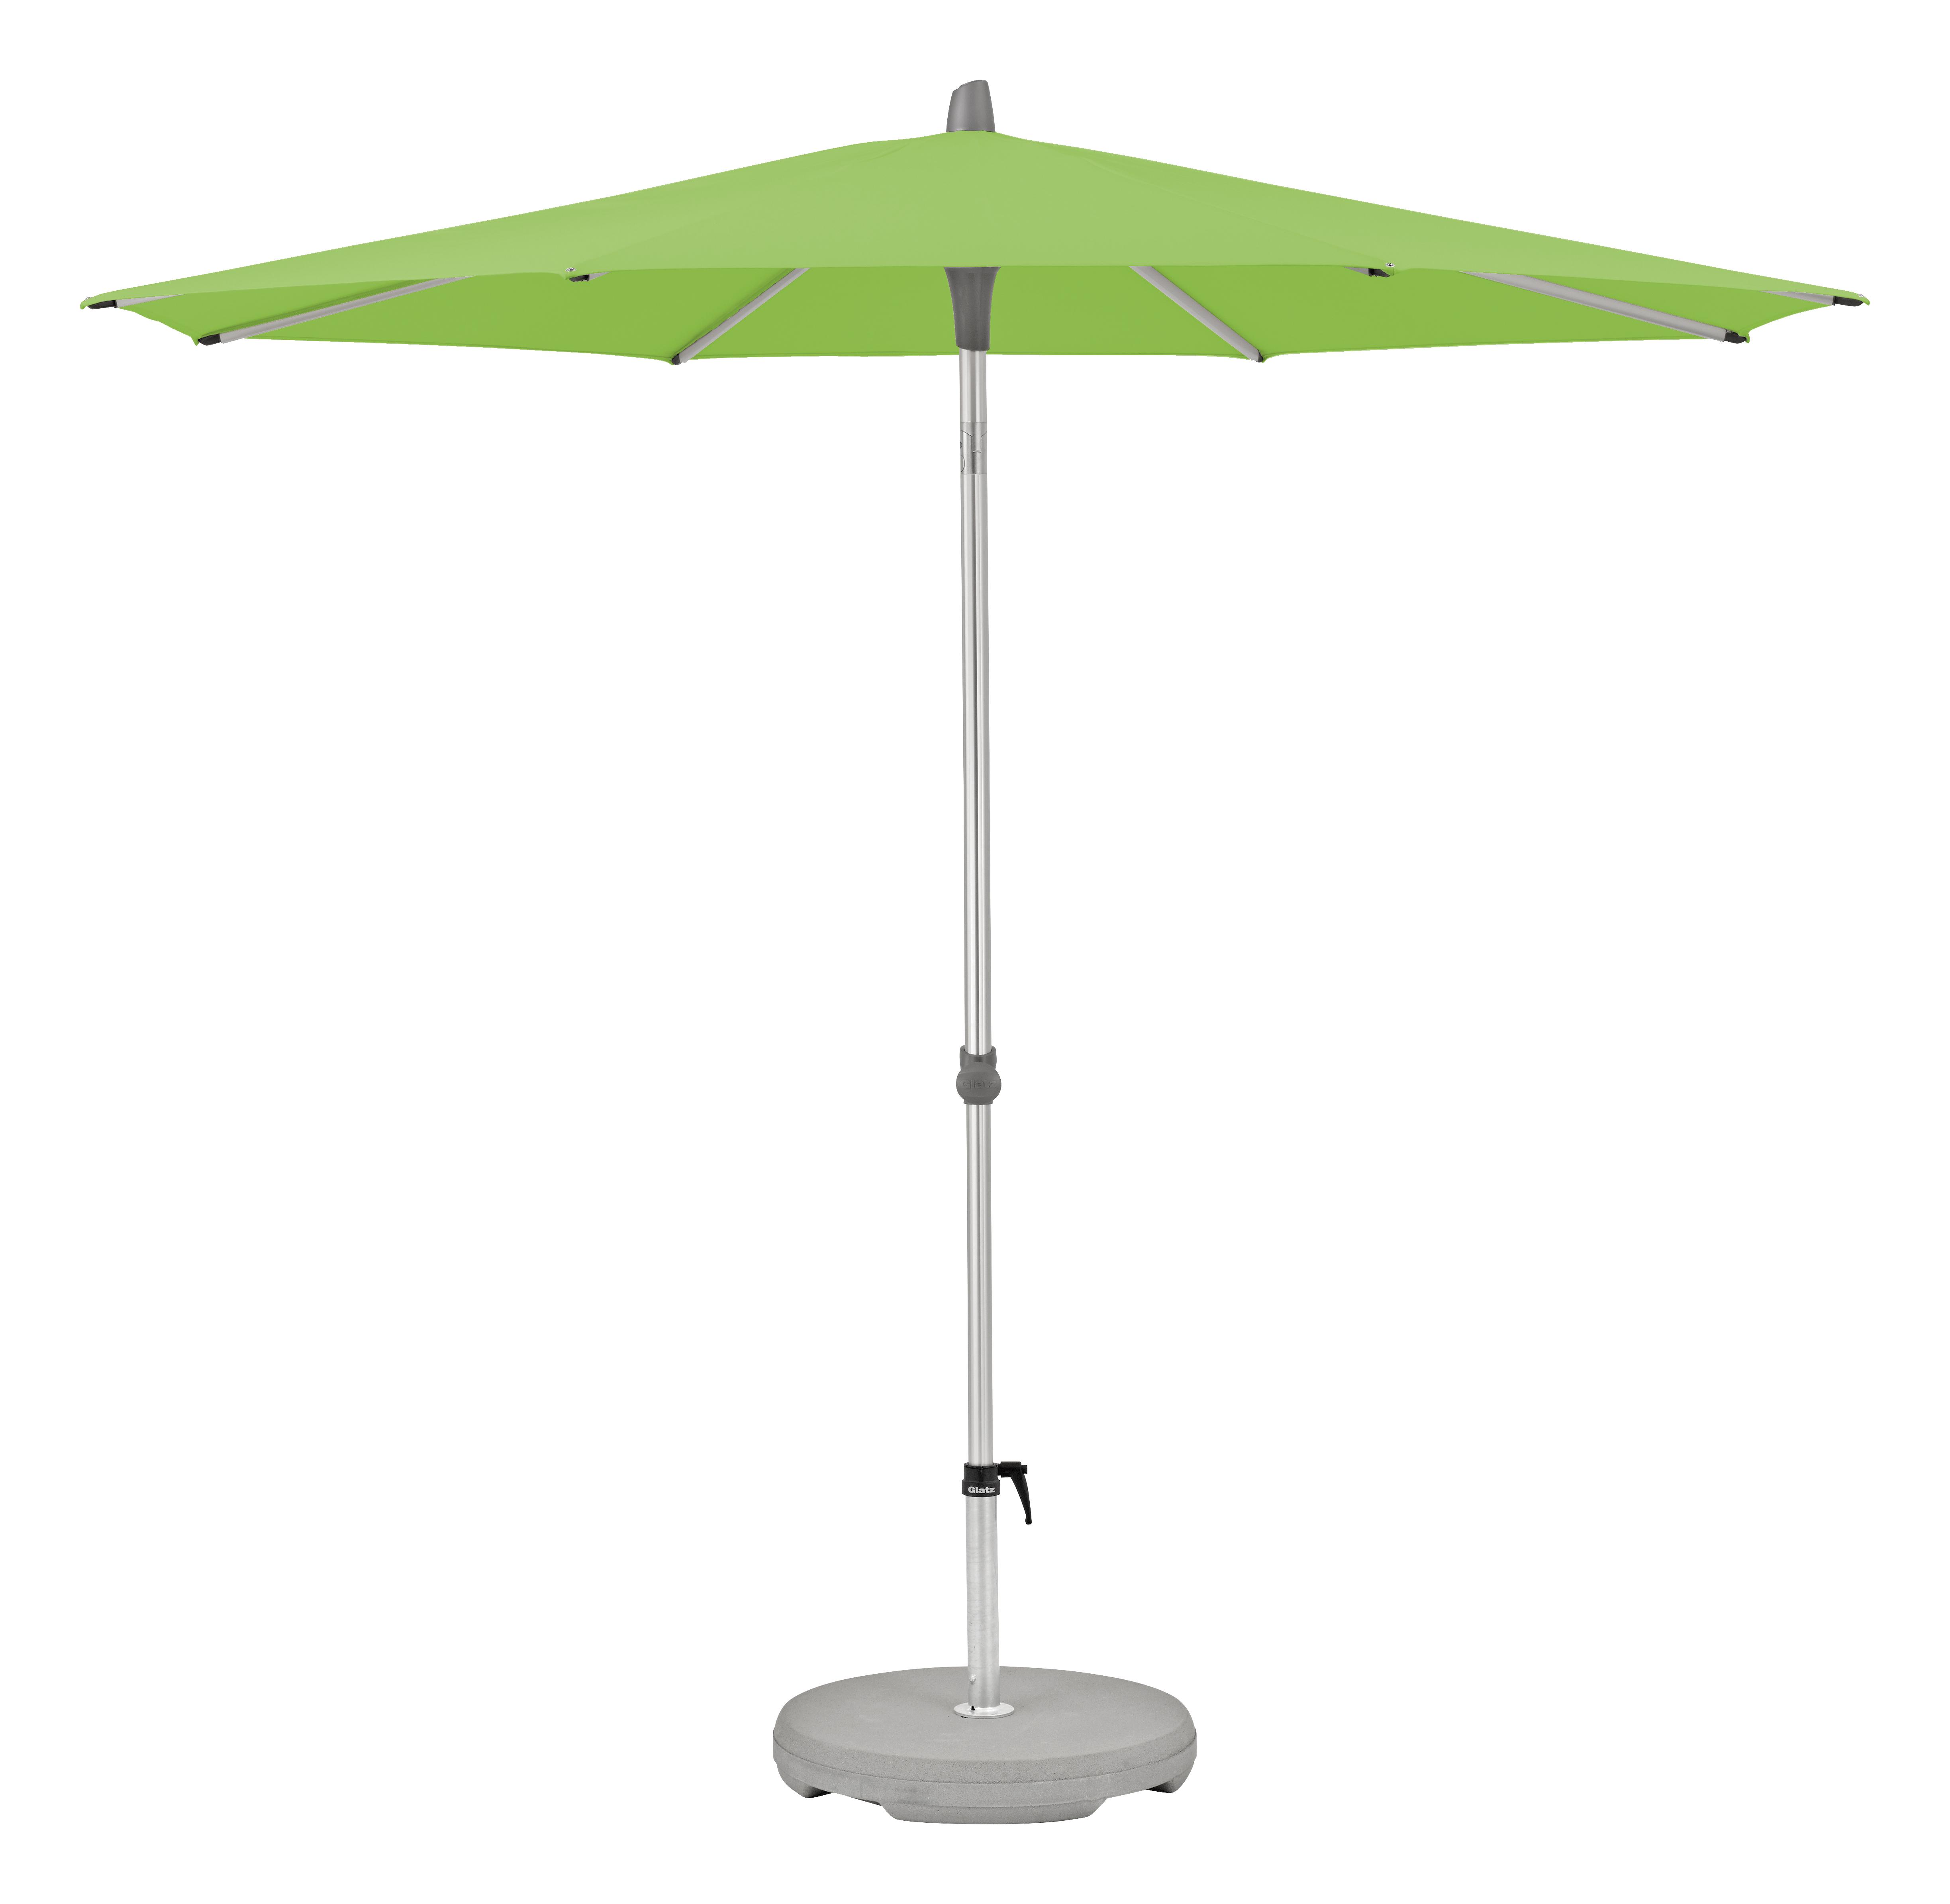 Alu-Twist Sonnenschirm, rund, Ø 270 cm, easy